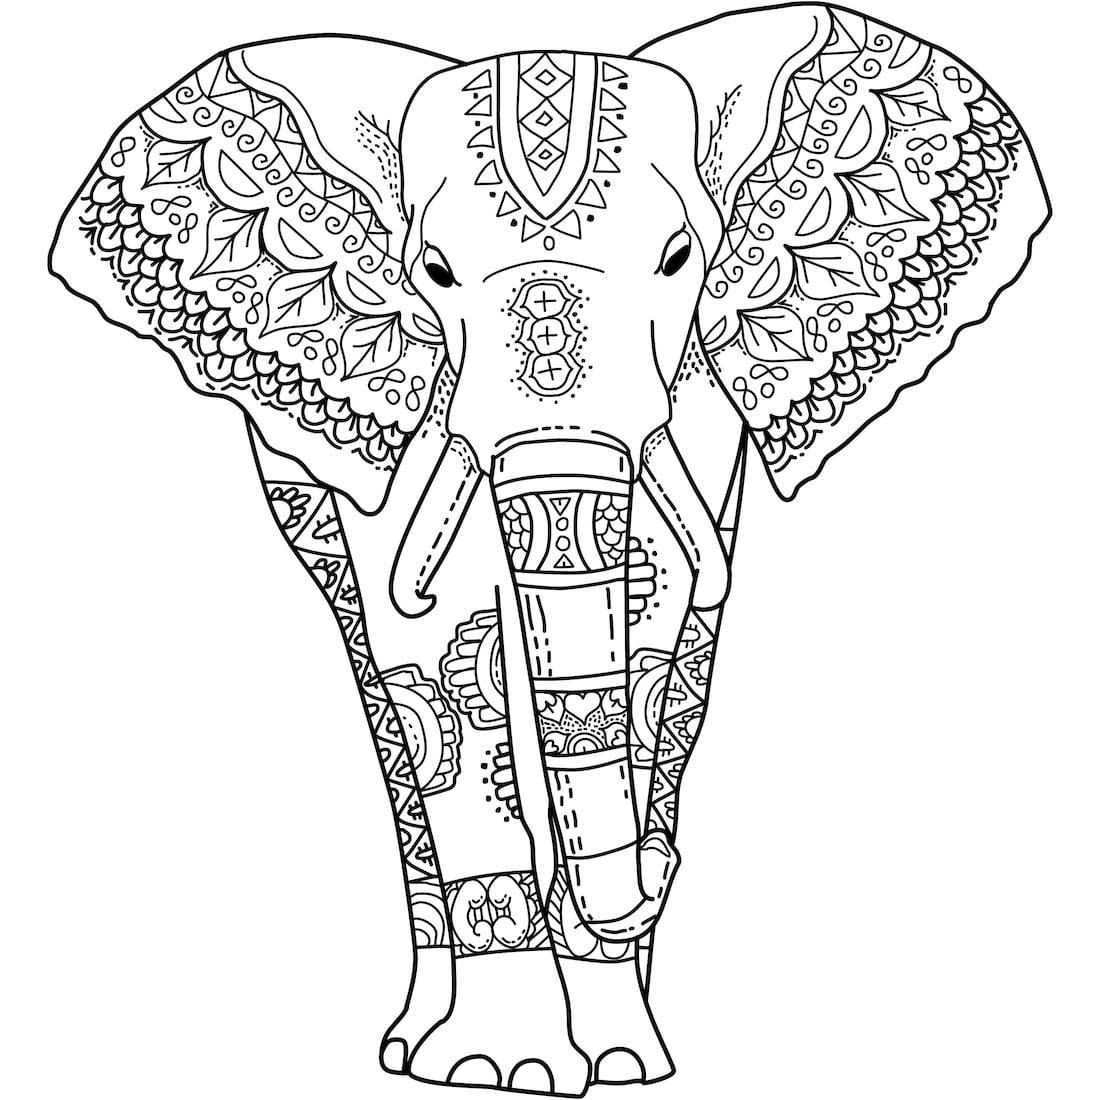 Tranh tô màu voi có những hoa văn rất đẹp